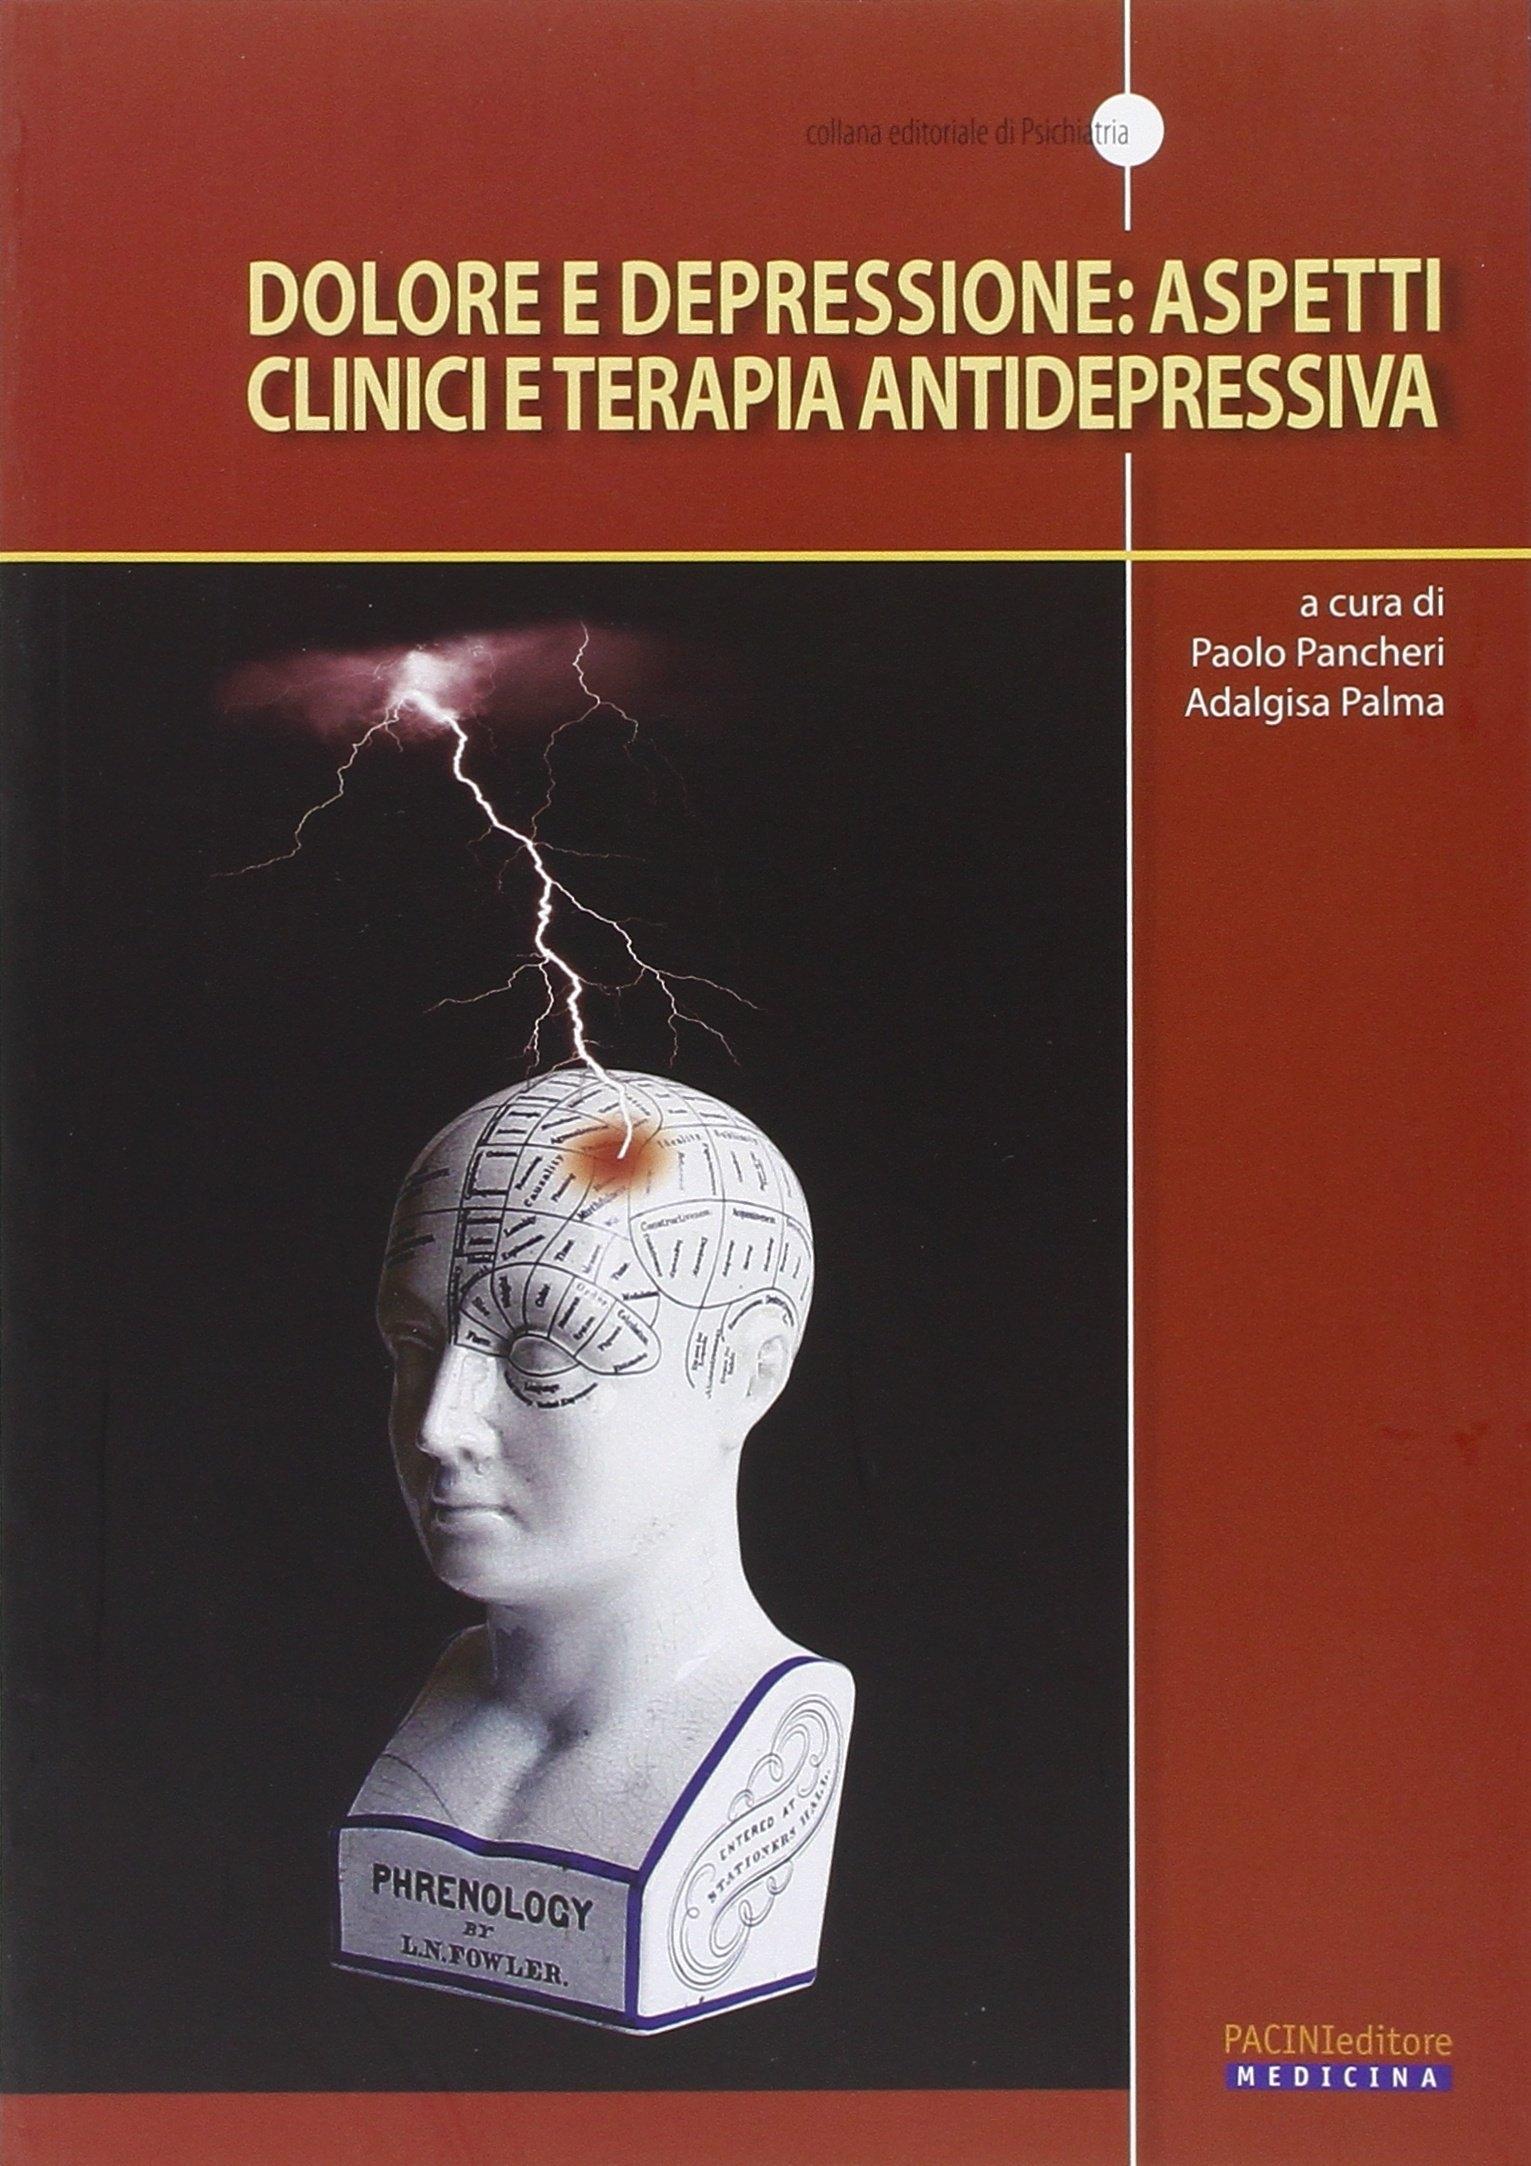 Dolore e Depressione: Aspetti Clinici e Terapia Antidepressiva